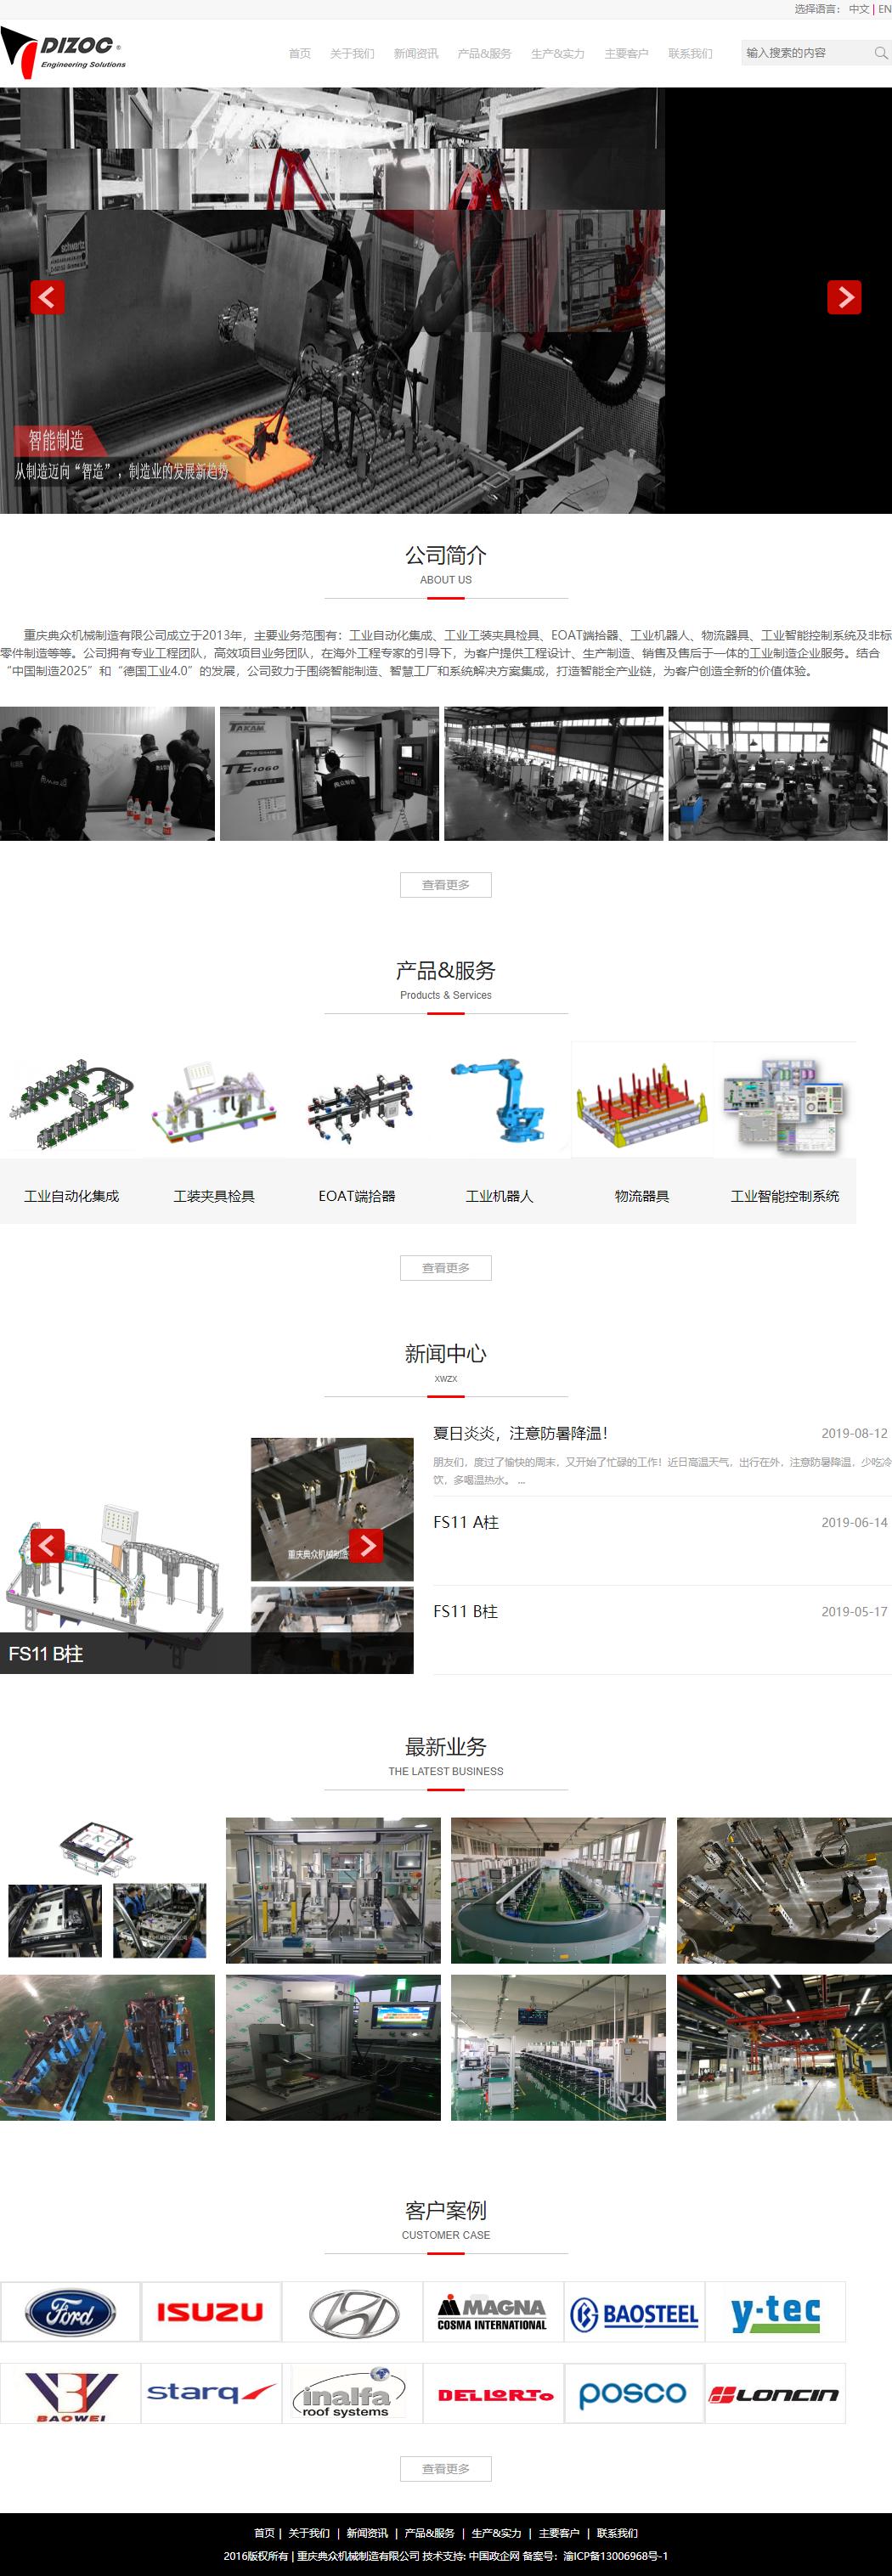 重庆典众机械制造有限公司网站案例